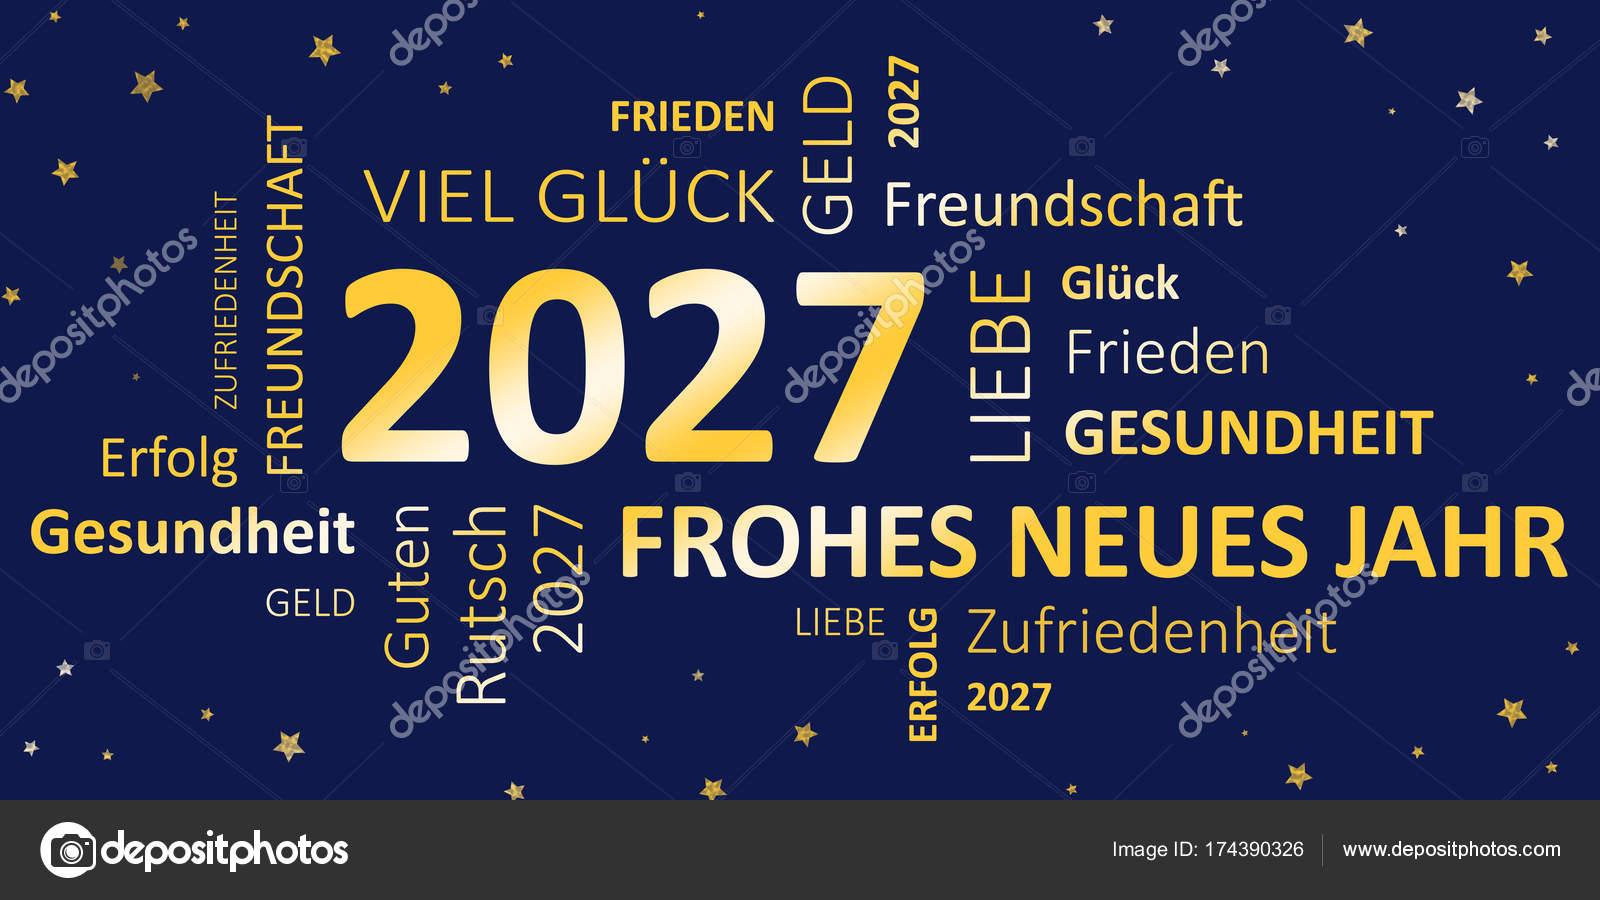 Silvester-Karte frohes neues Jahr und Wünsche — Stockfoto © JNaether ...